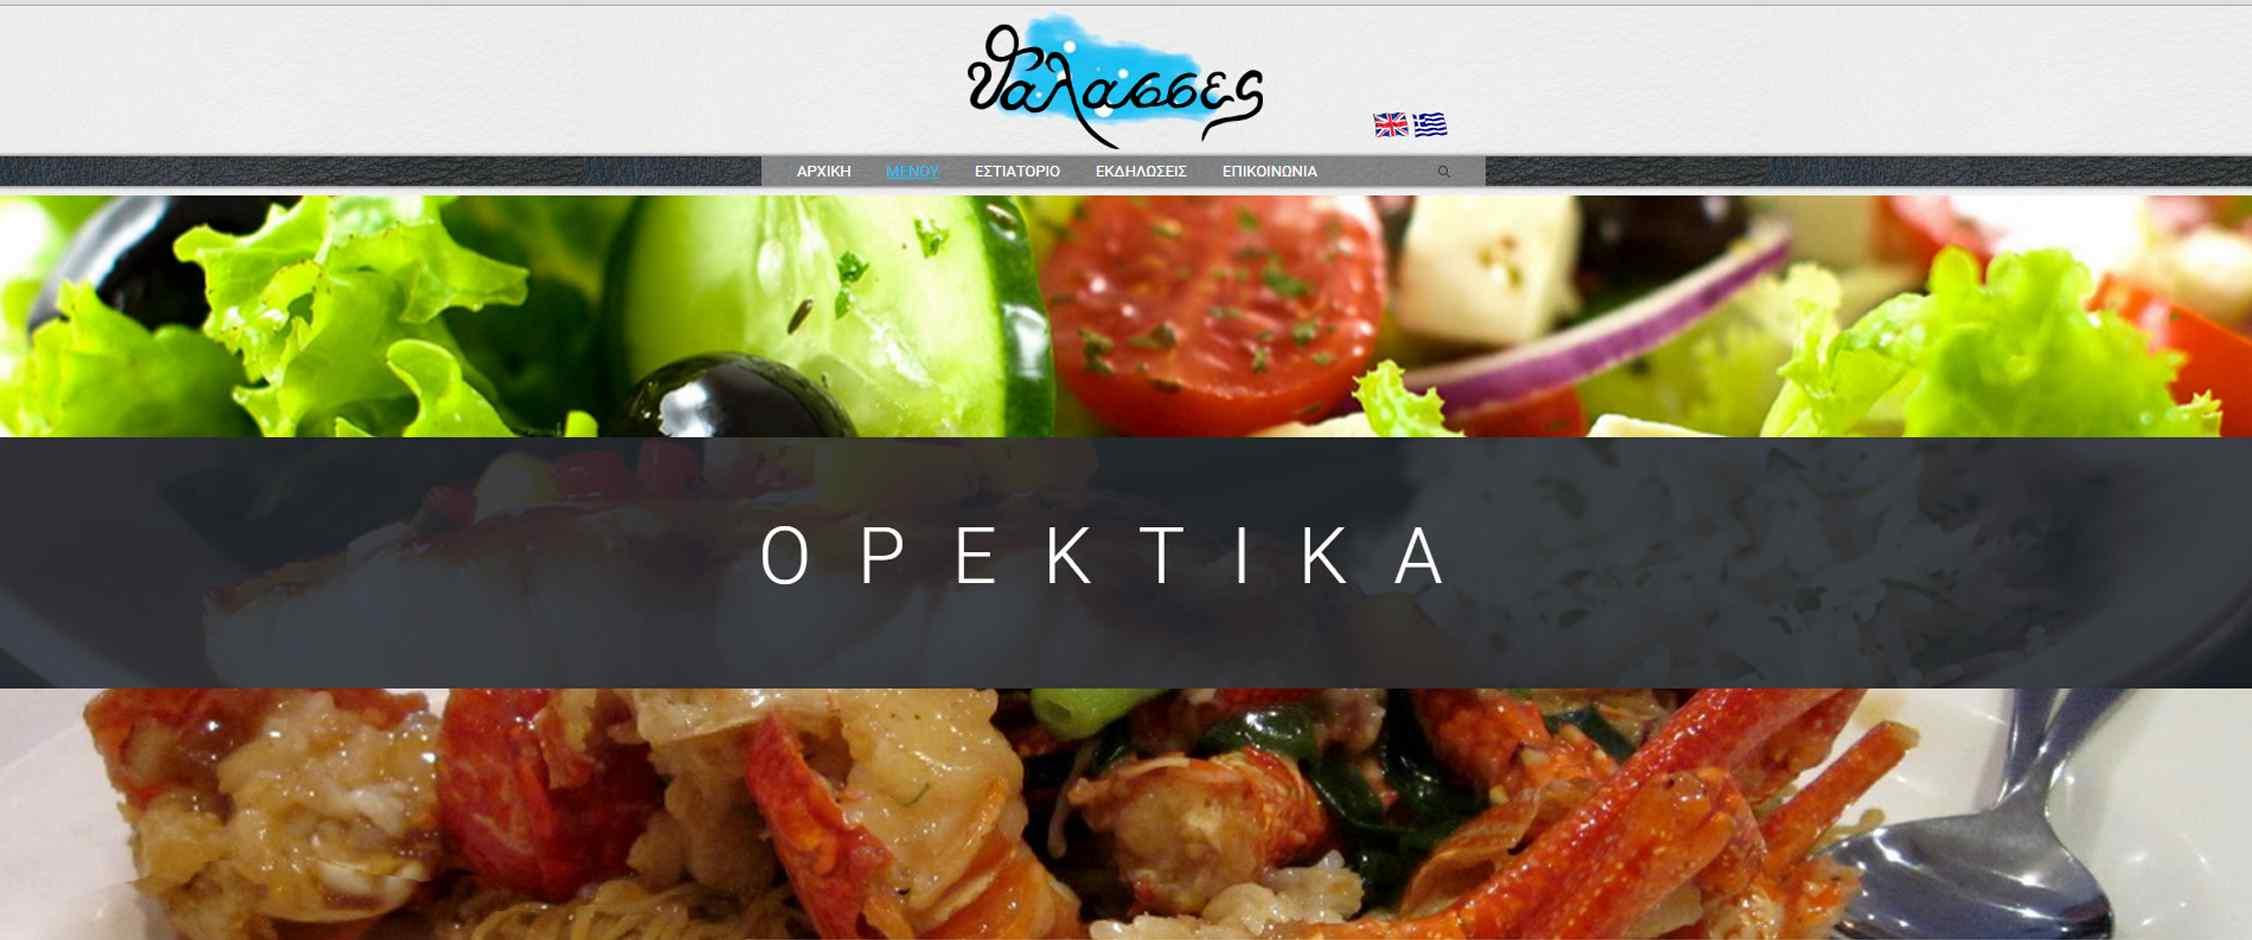 Εστιατόριο Θάλασσες - Χίος - Καρδάμυλα